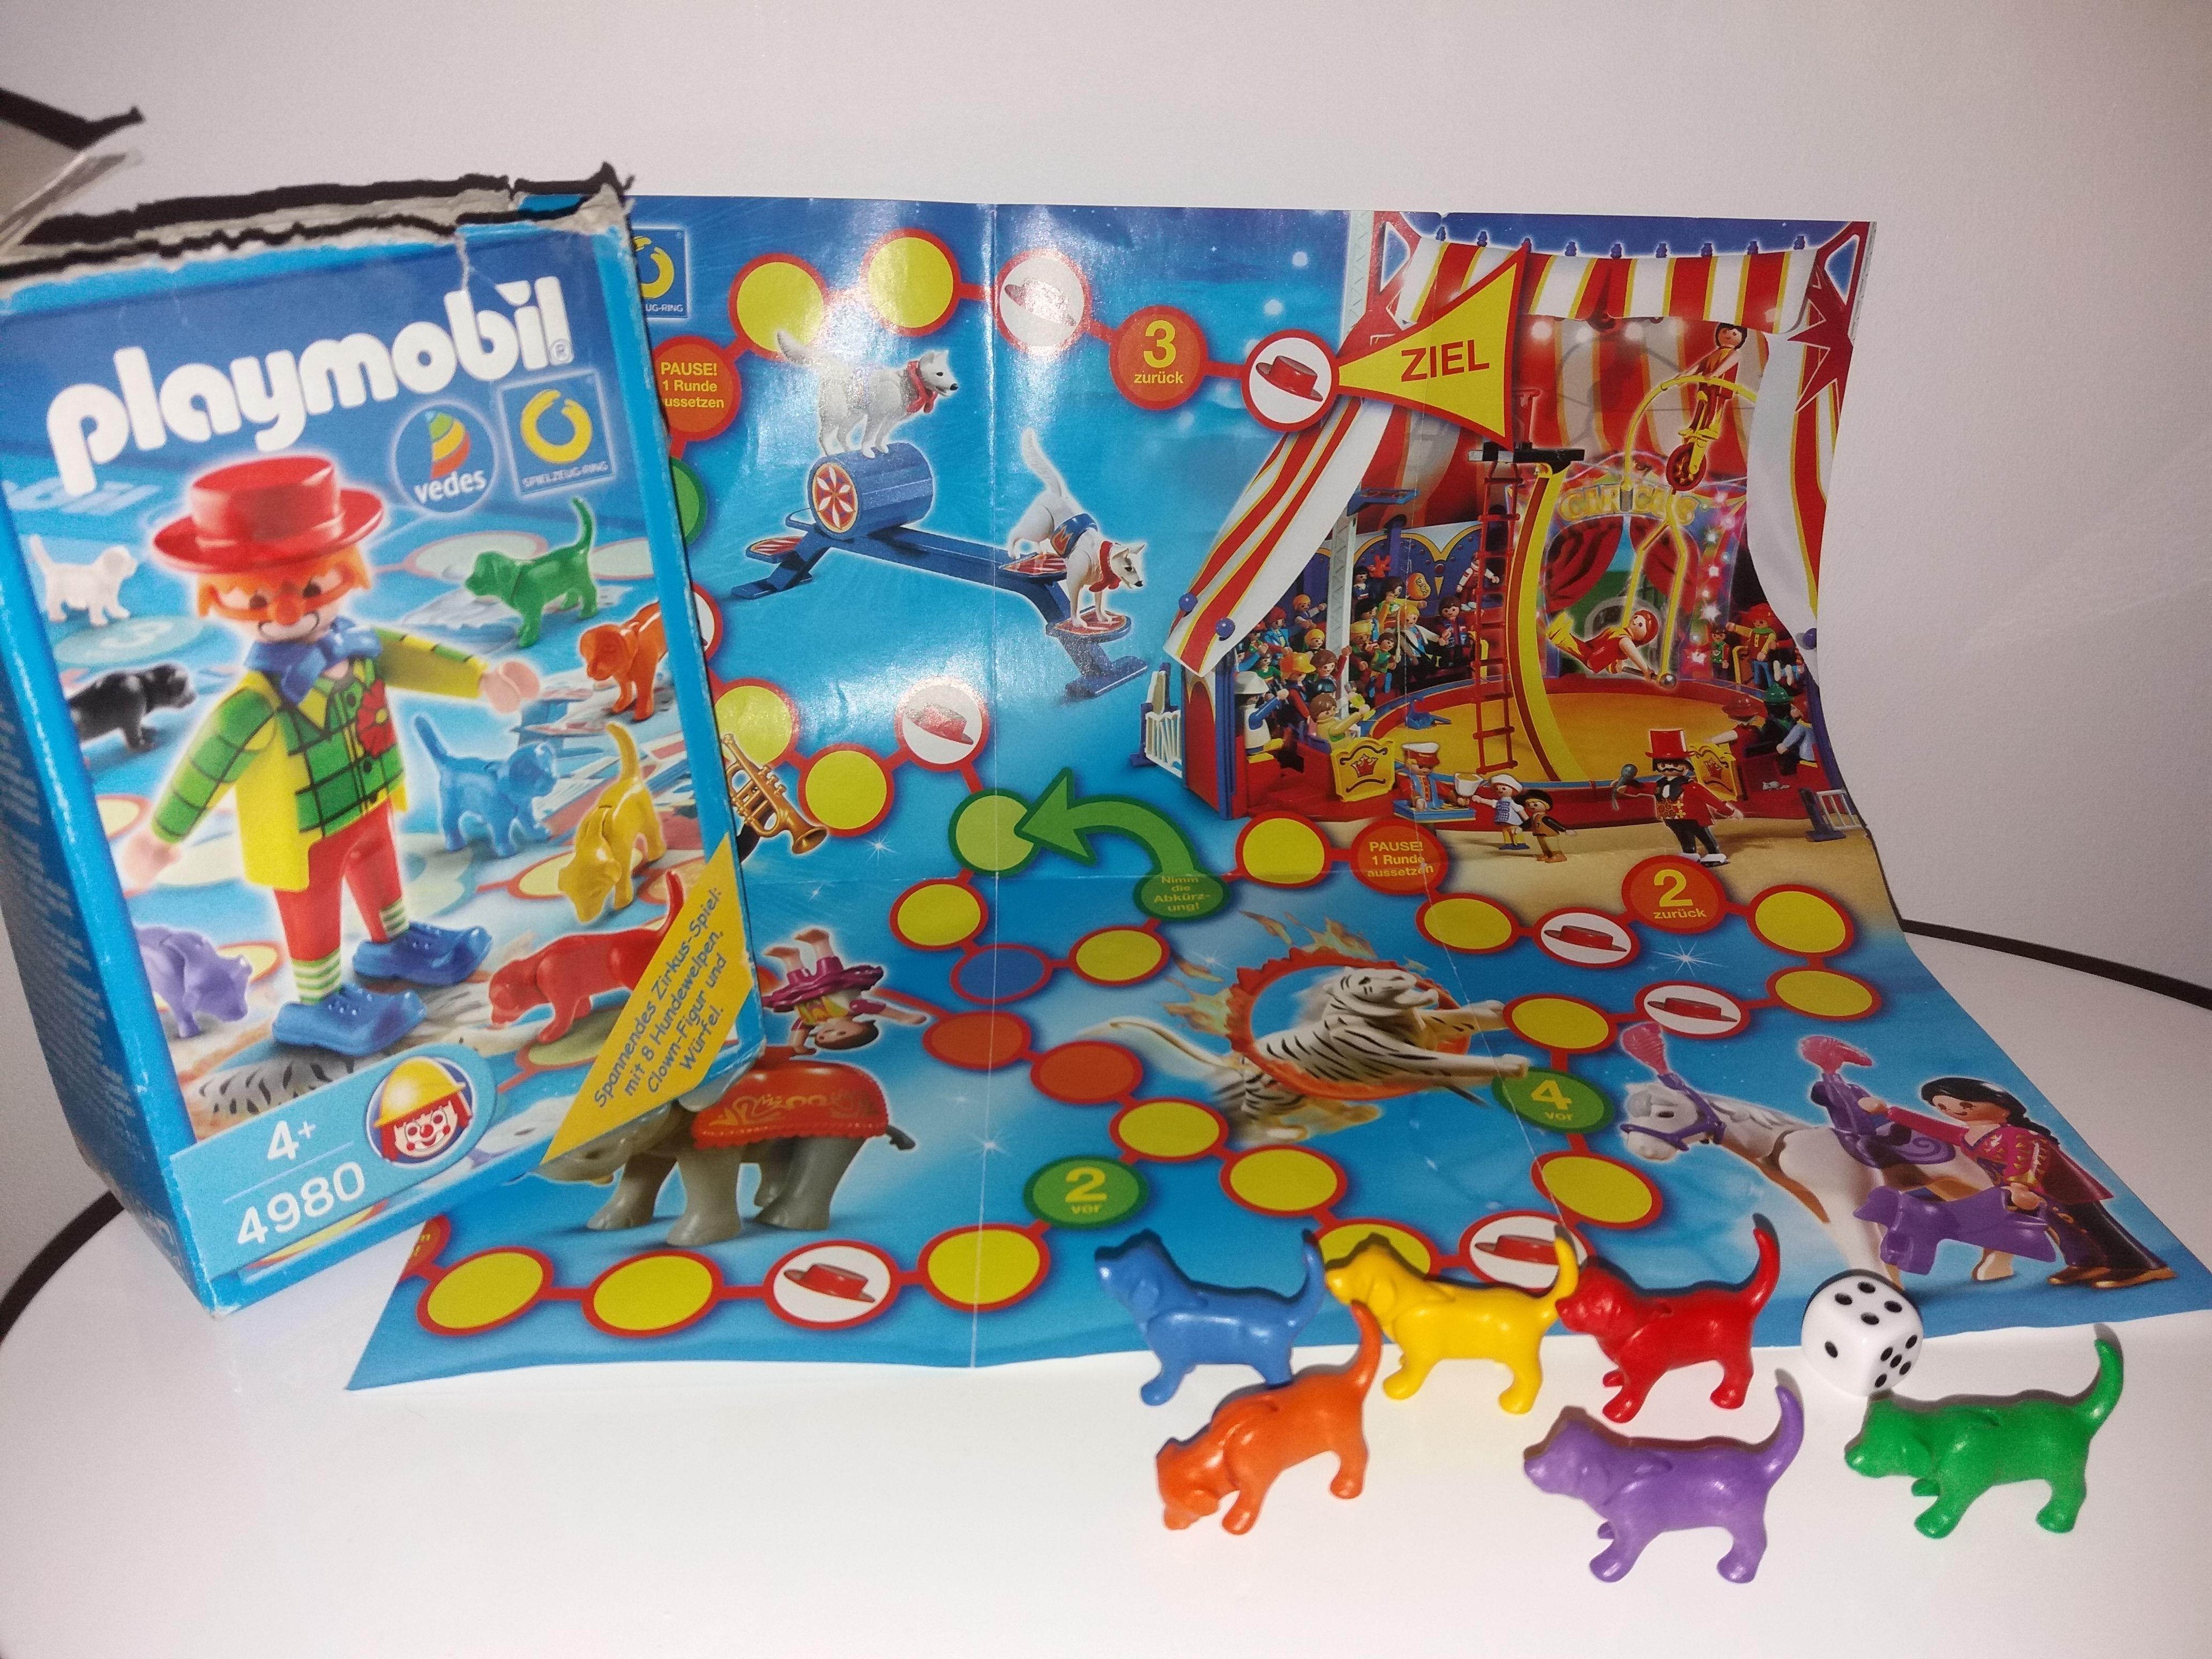 Playmobil Würfelspiel